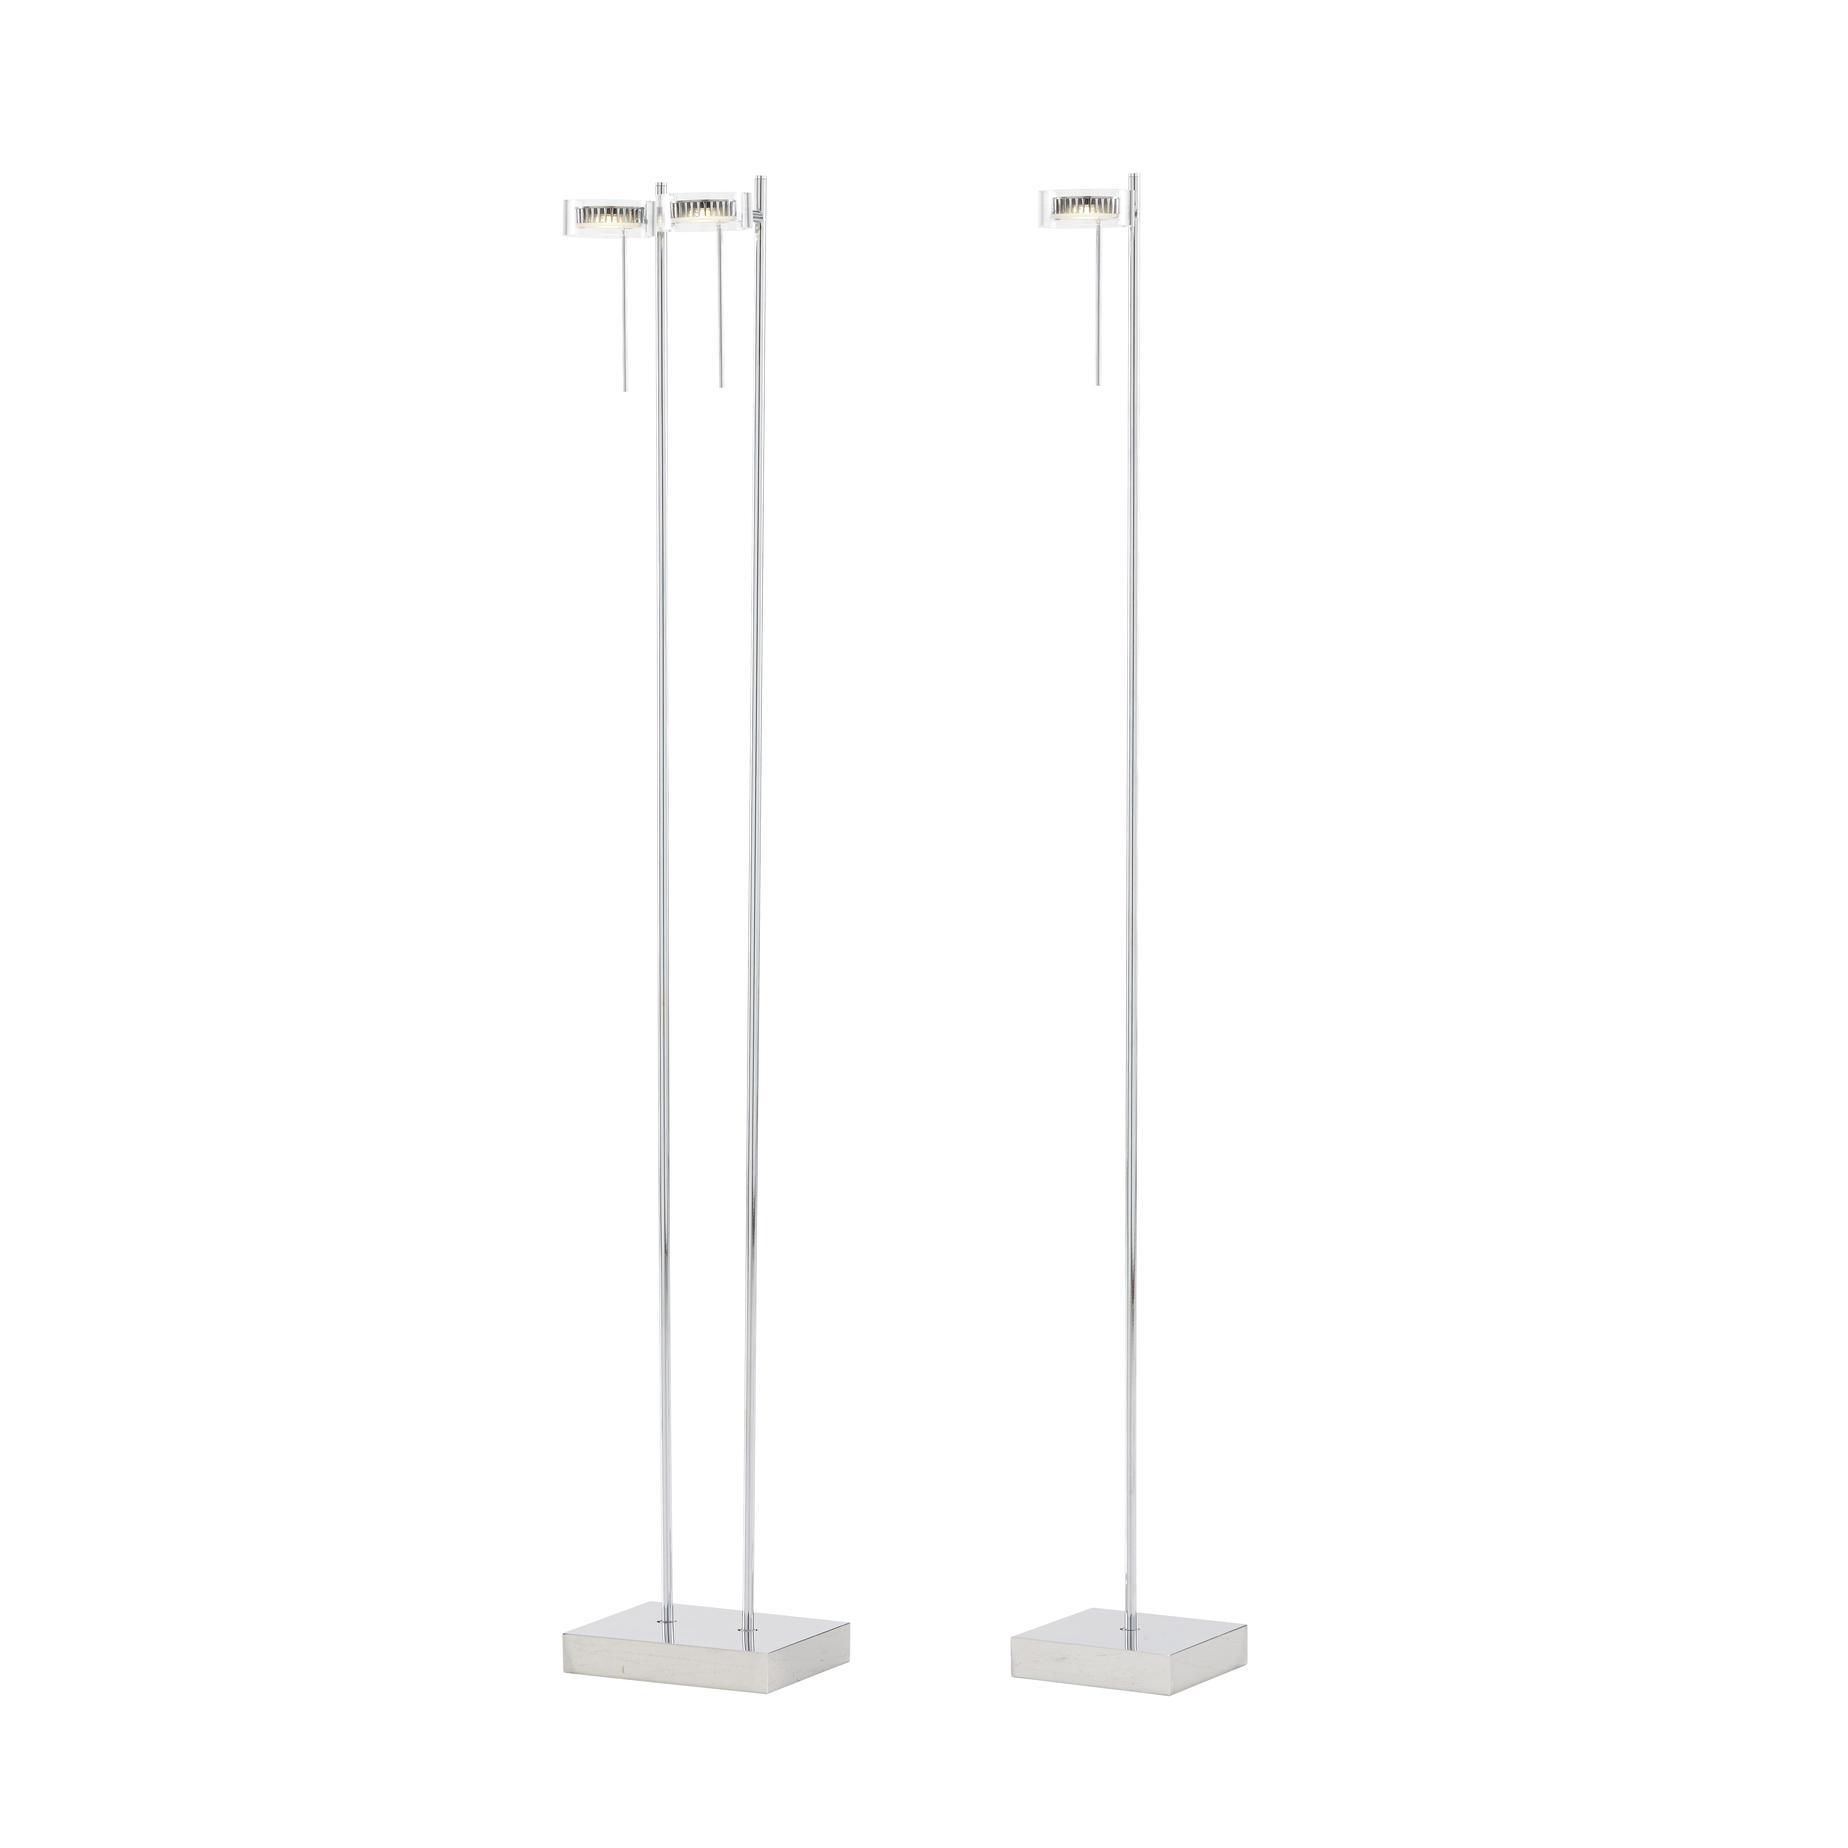 TABLE LAMP PENDING UL APPROVAL  Ligne Roset